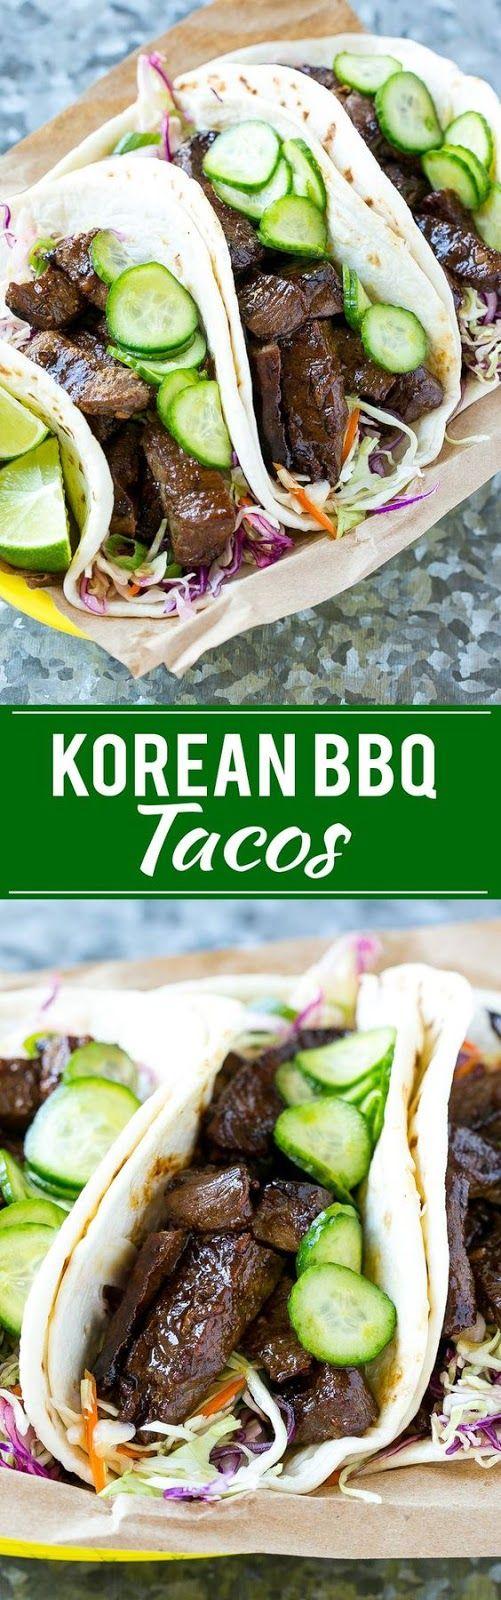 Korean BBQ Tacos | Food And Cake Recipes